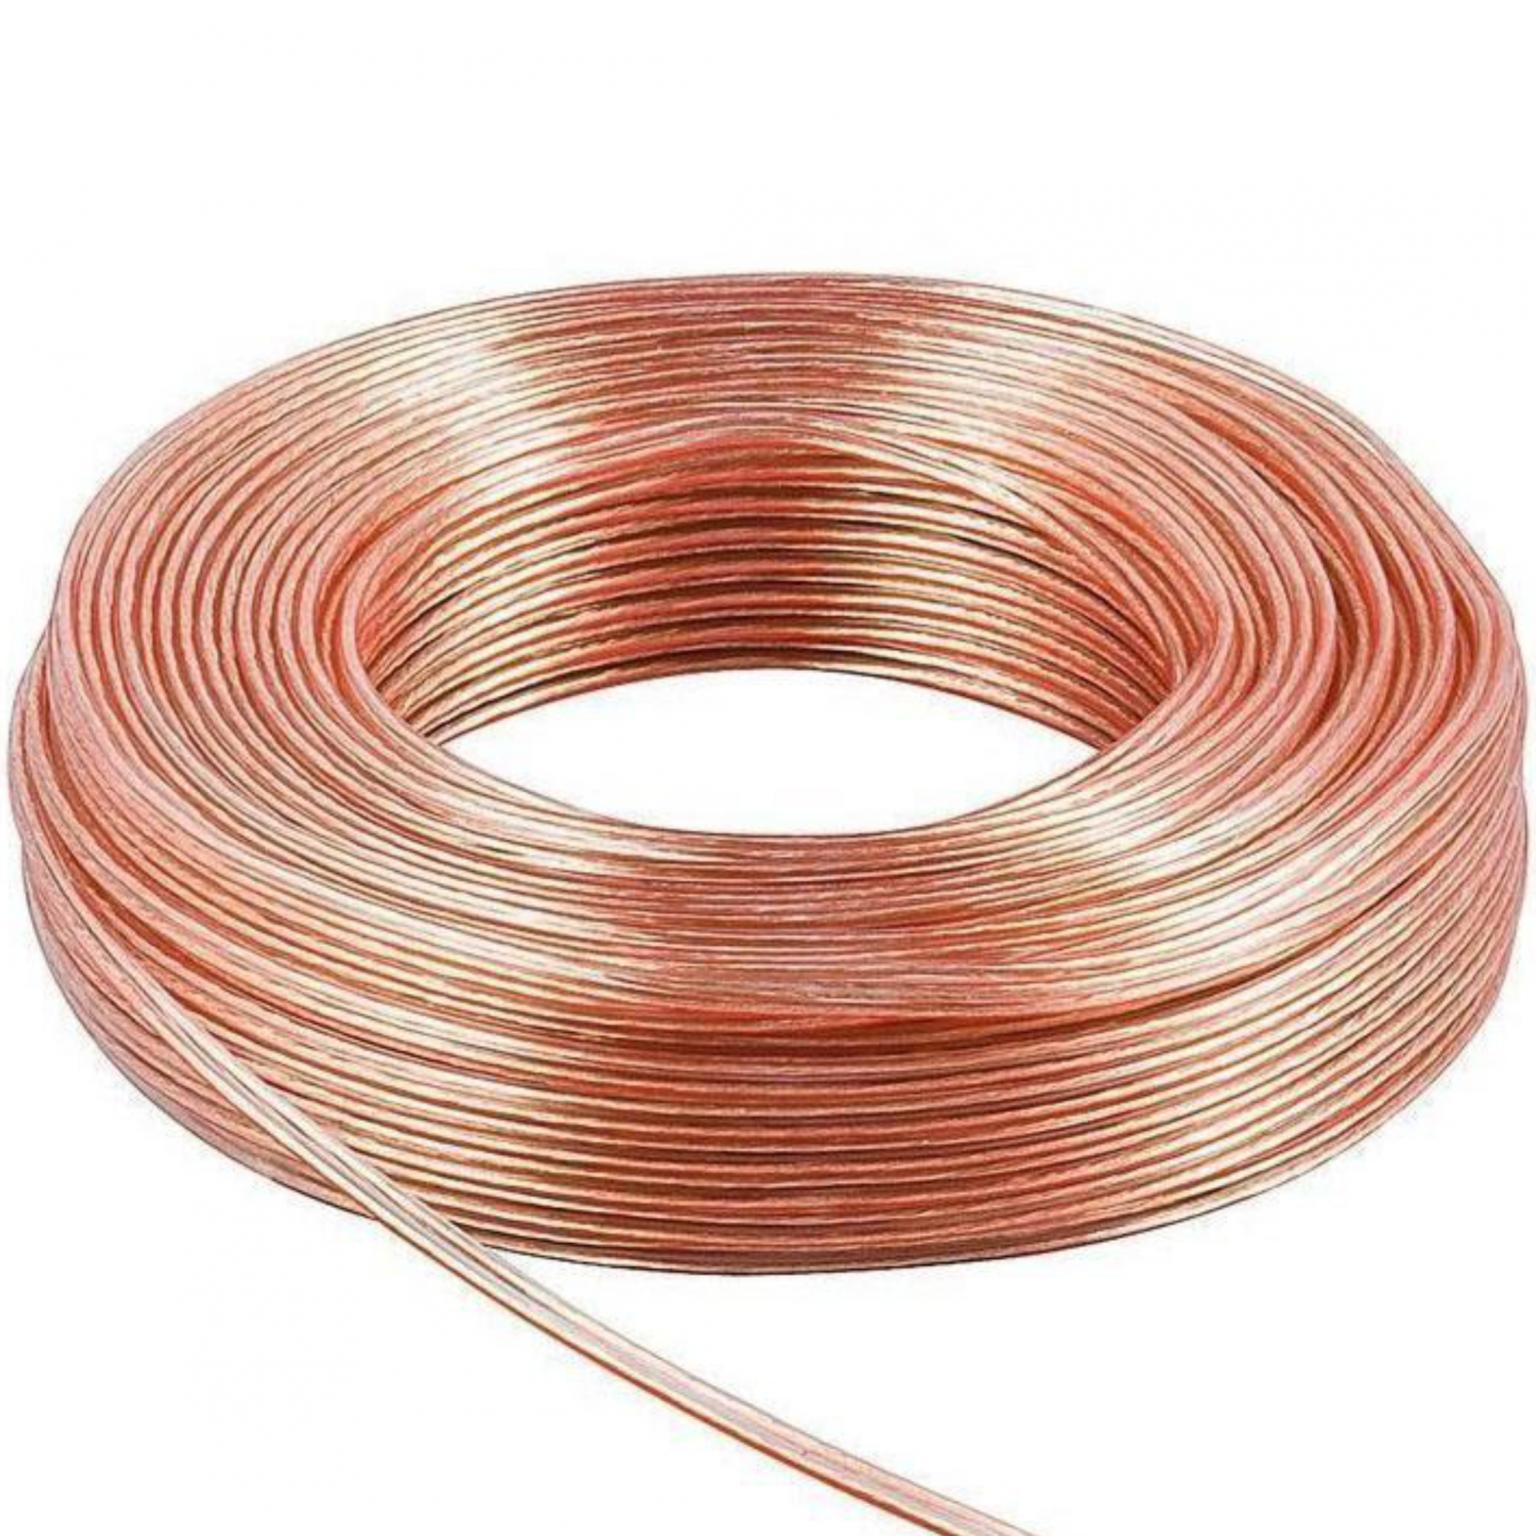 Luidspreker Kabel 25 meter op rol